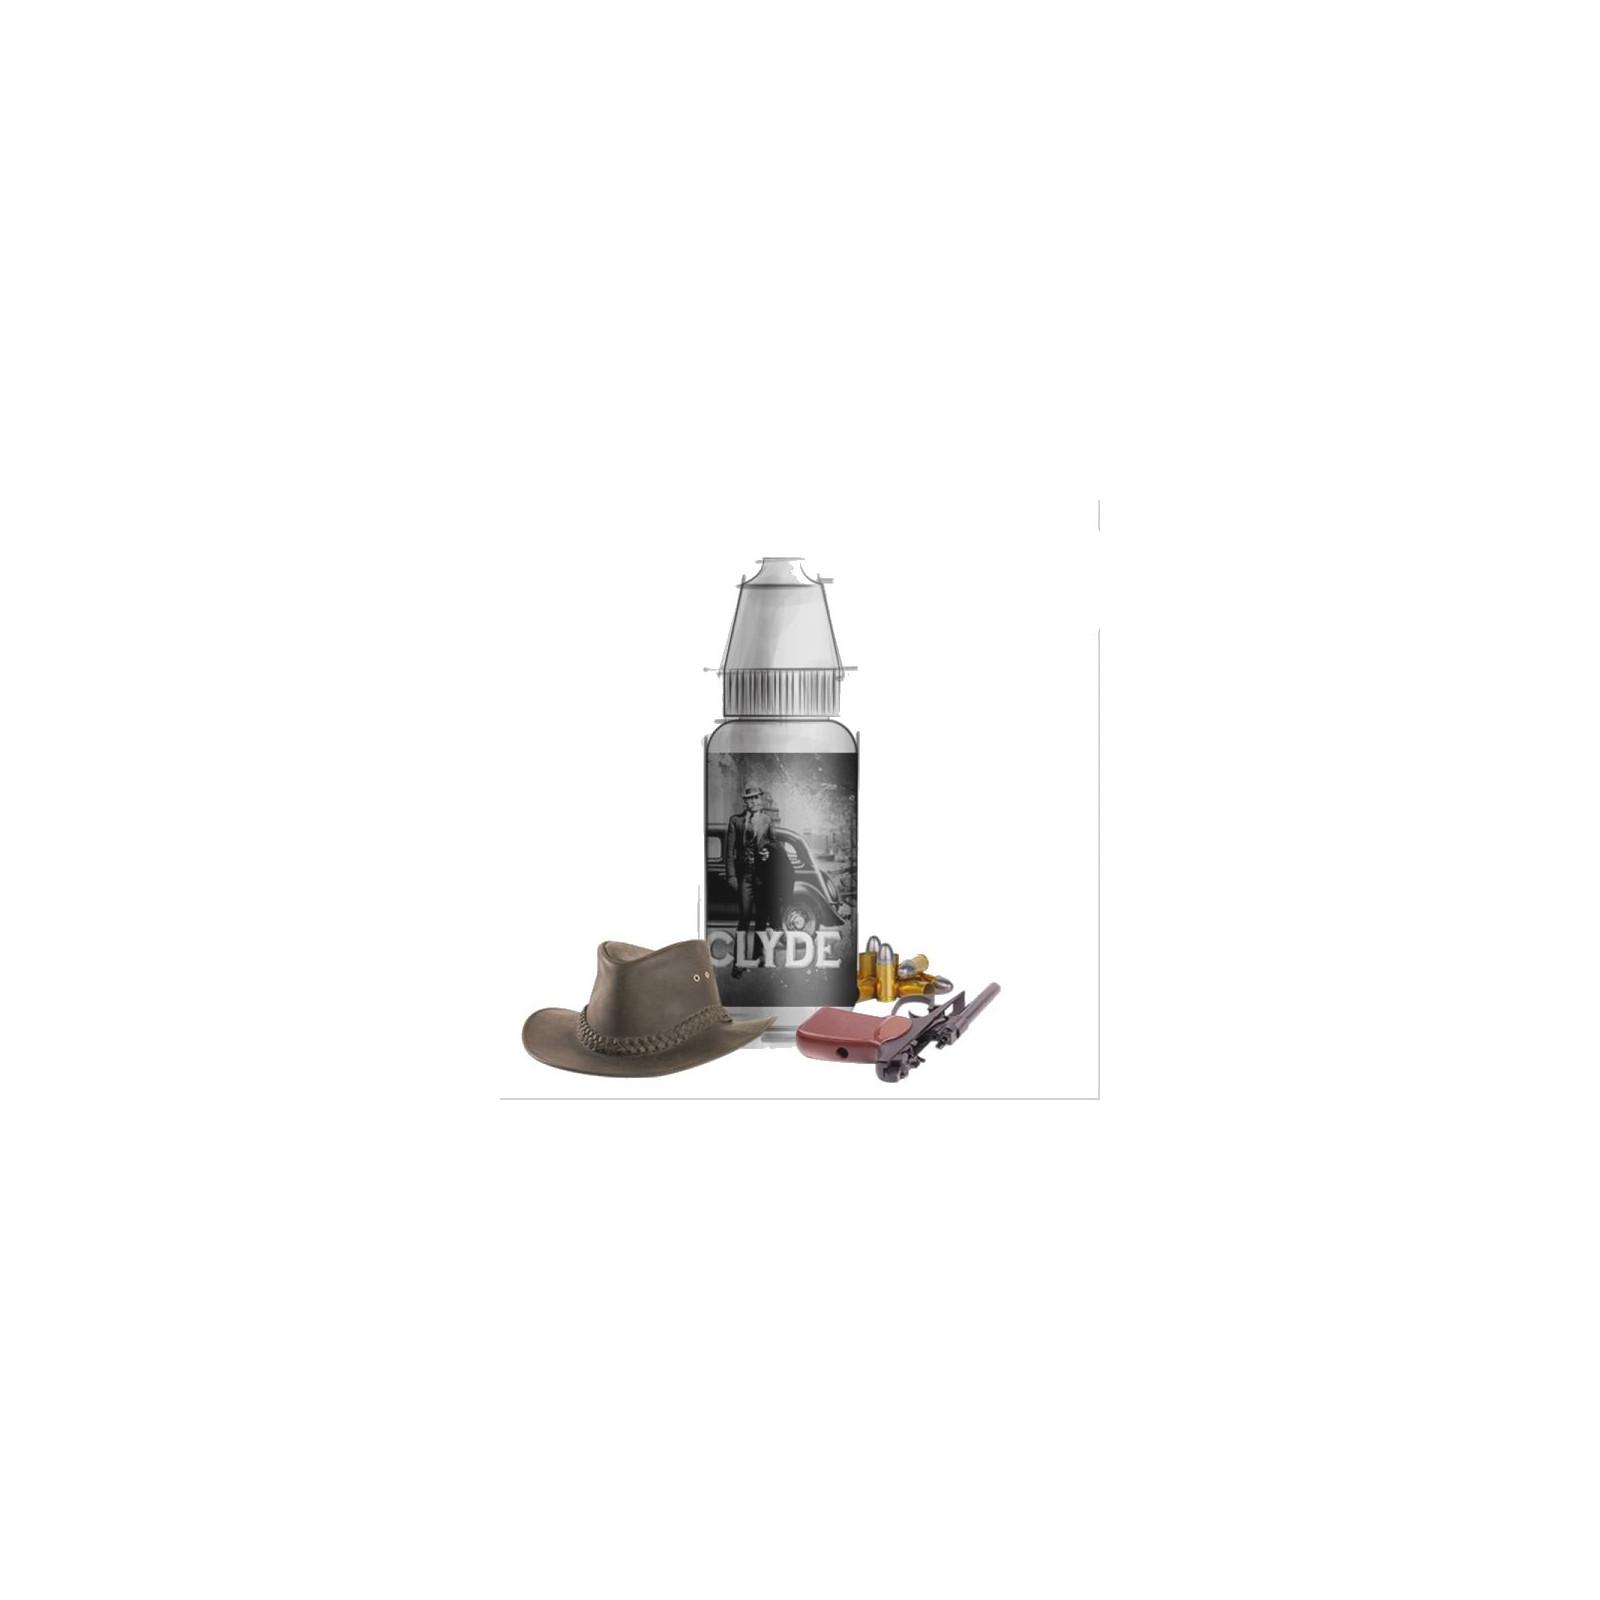 Clyde [Premium] - BORDO 2